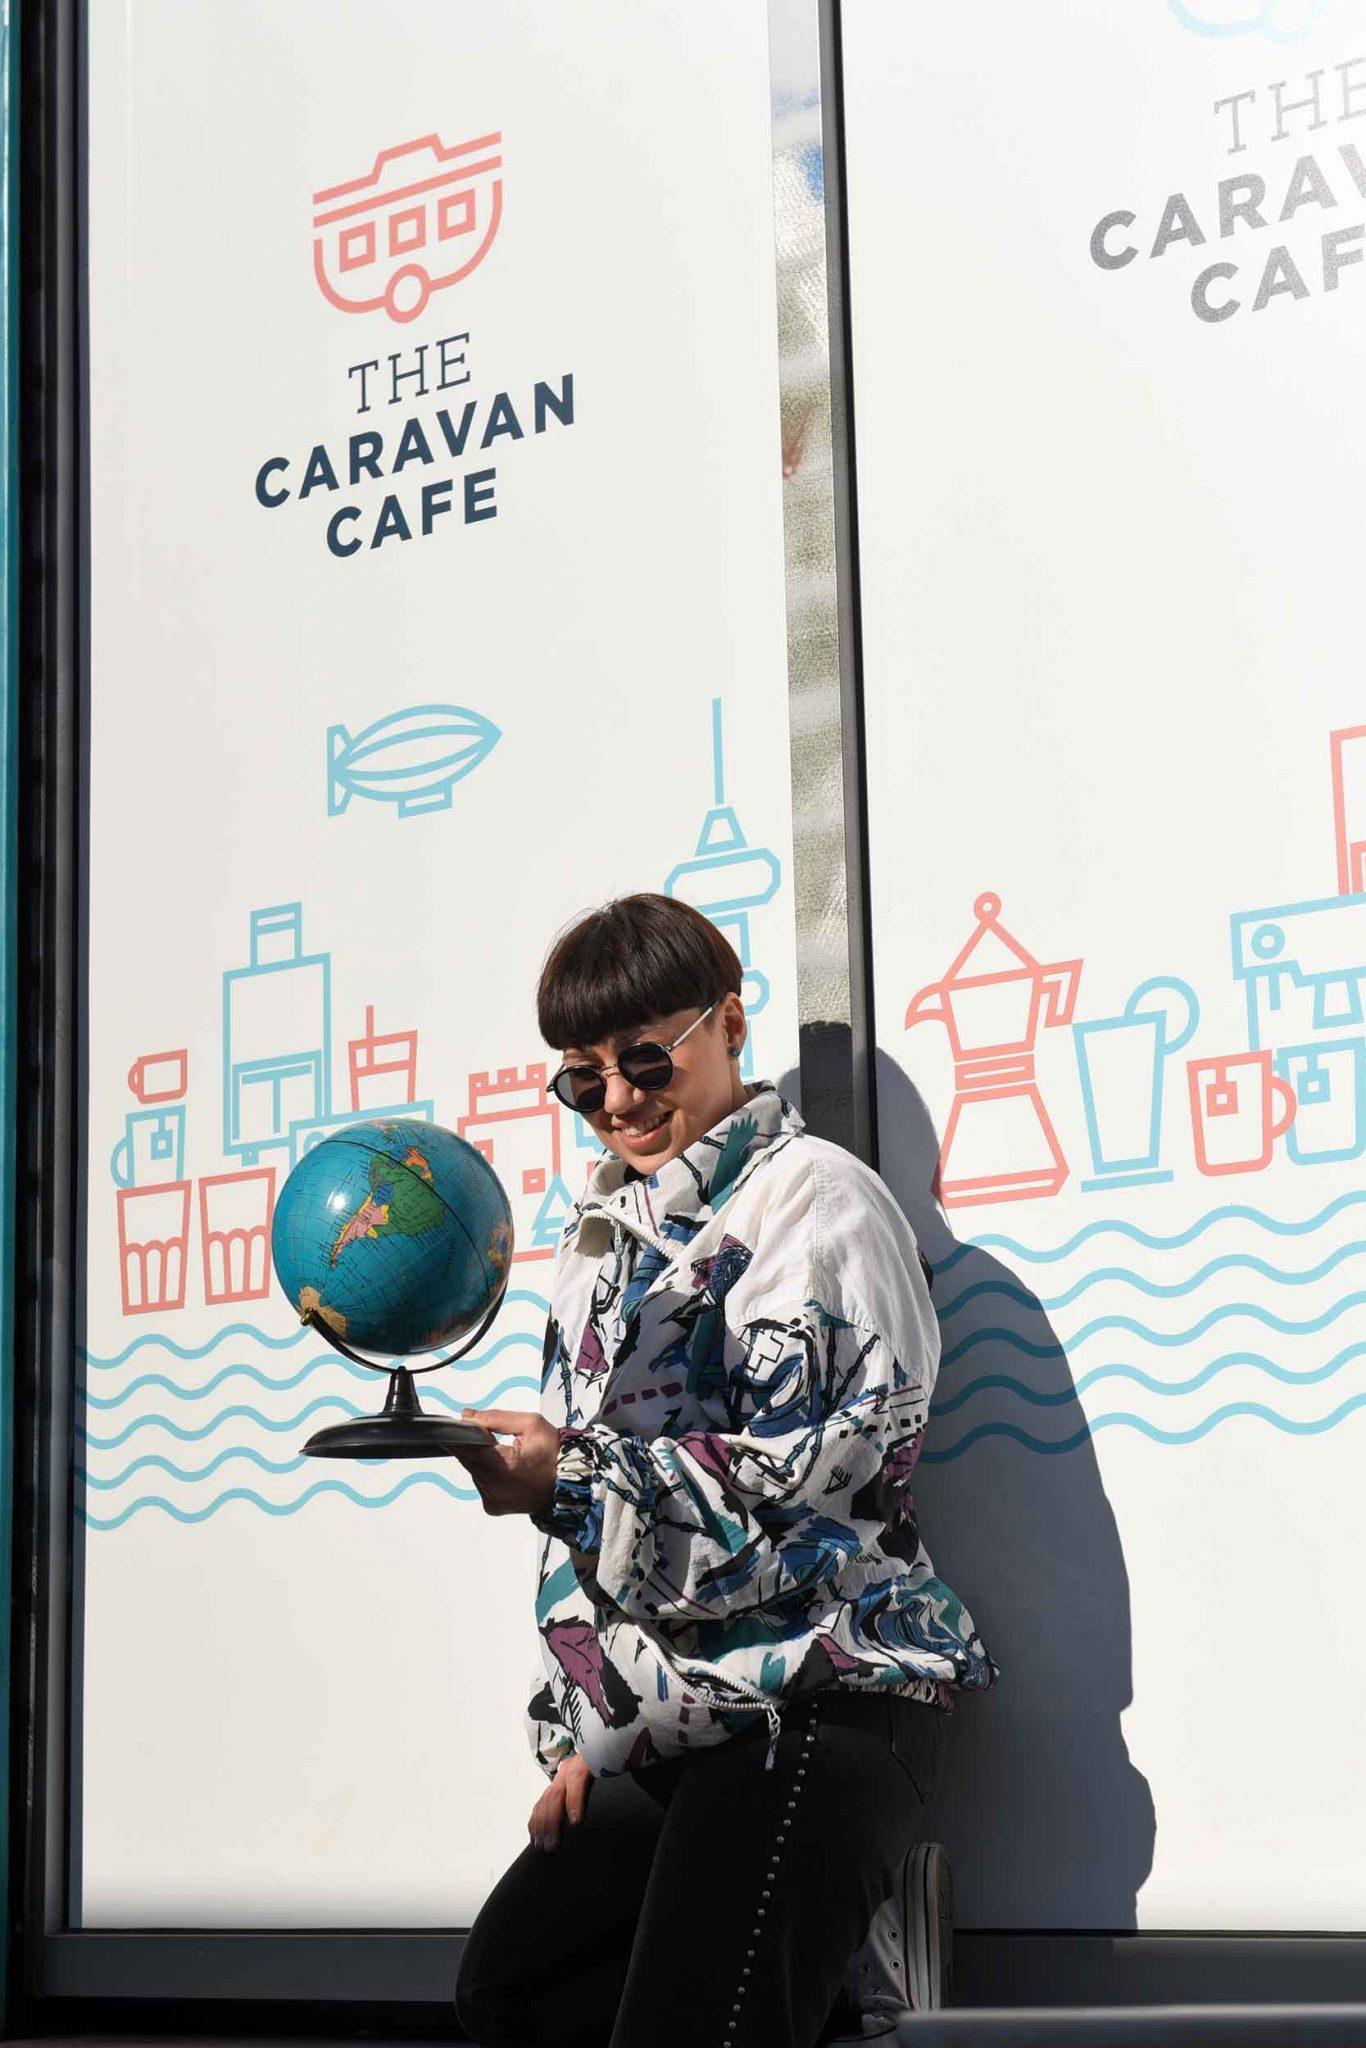 Το Jenny Blond υποδέχεται την άνοιξη με ένα vintage bazaar στο The Caravan B&B